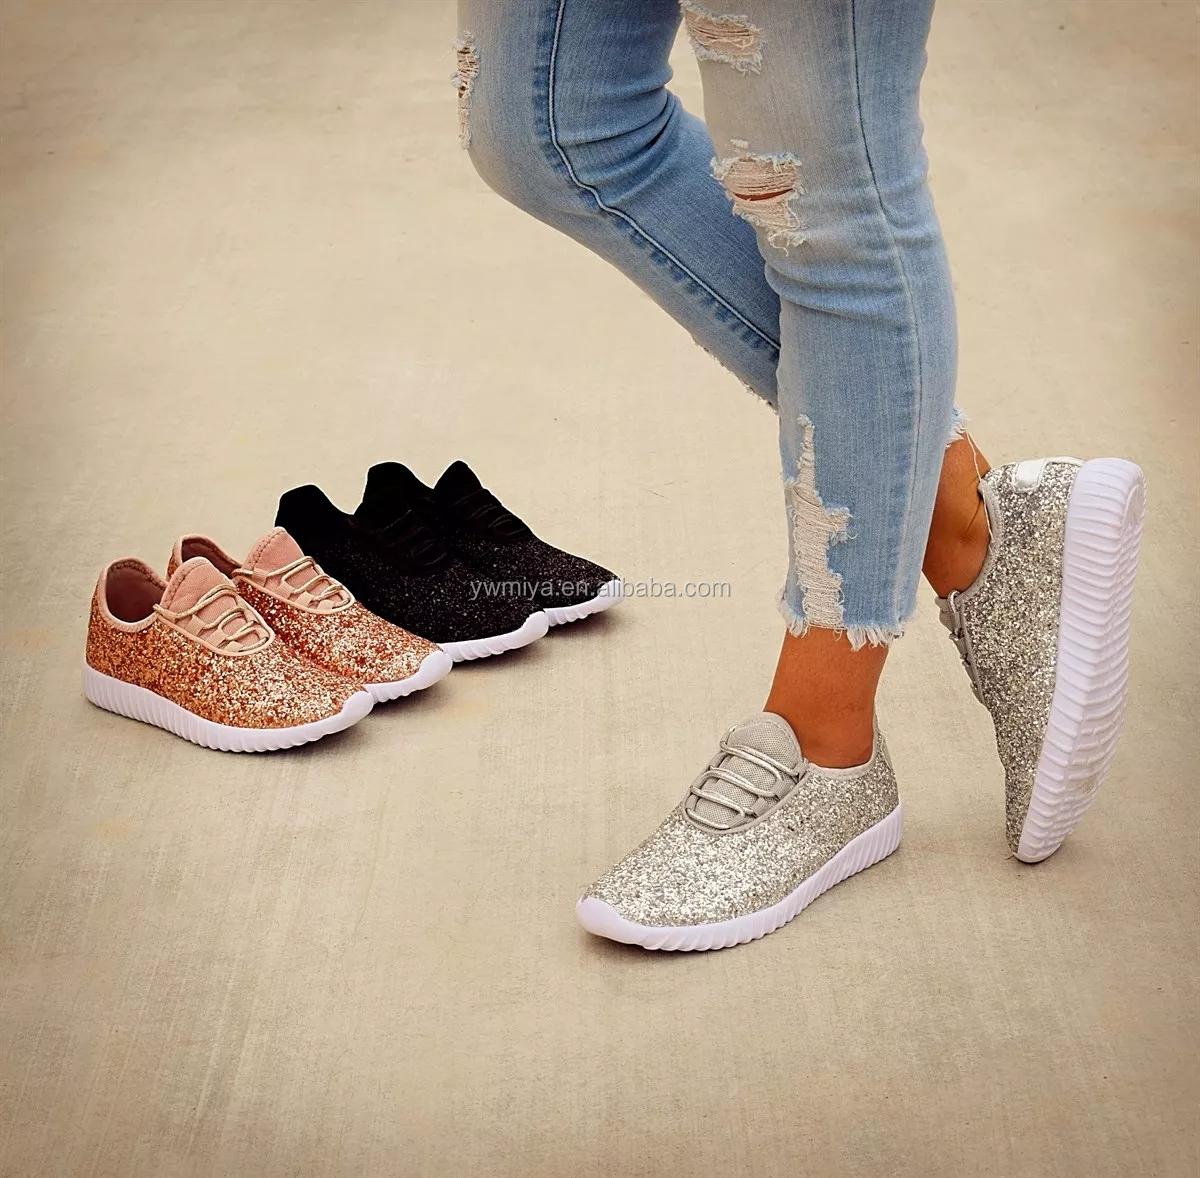 71698ab14 SL-008 2019 mais recente moda bonito lantejoulas decorado brilho esportes  sapatos para as mulheres